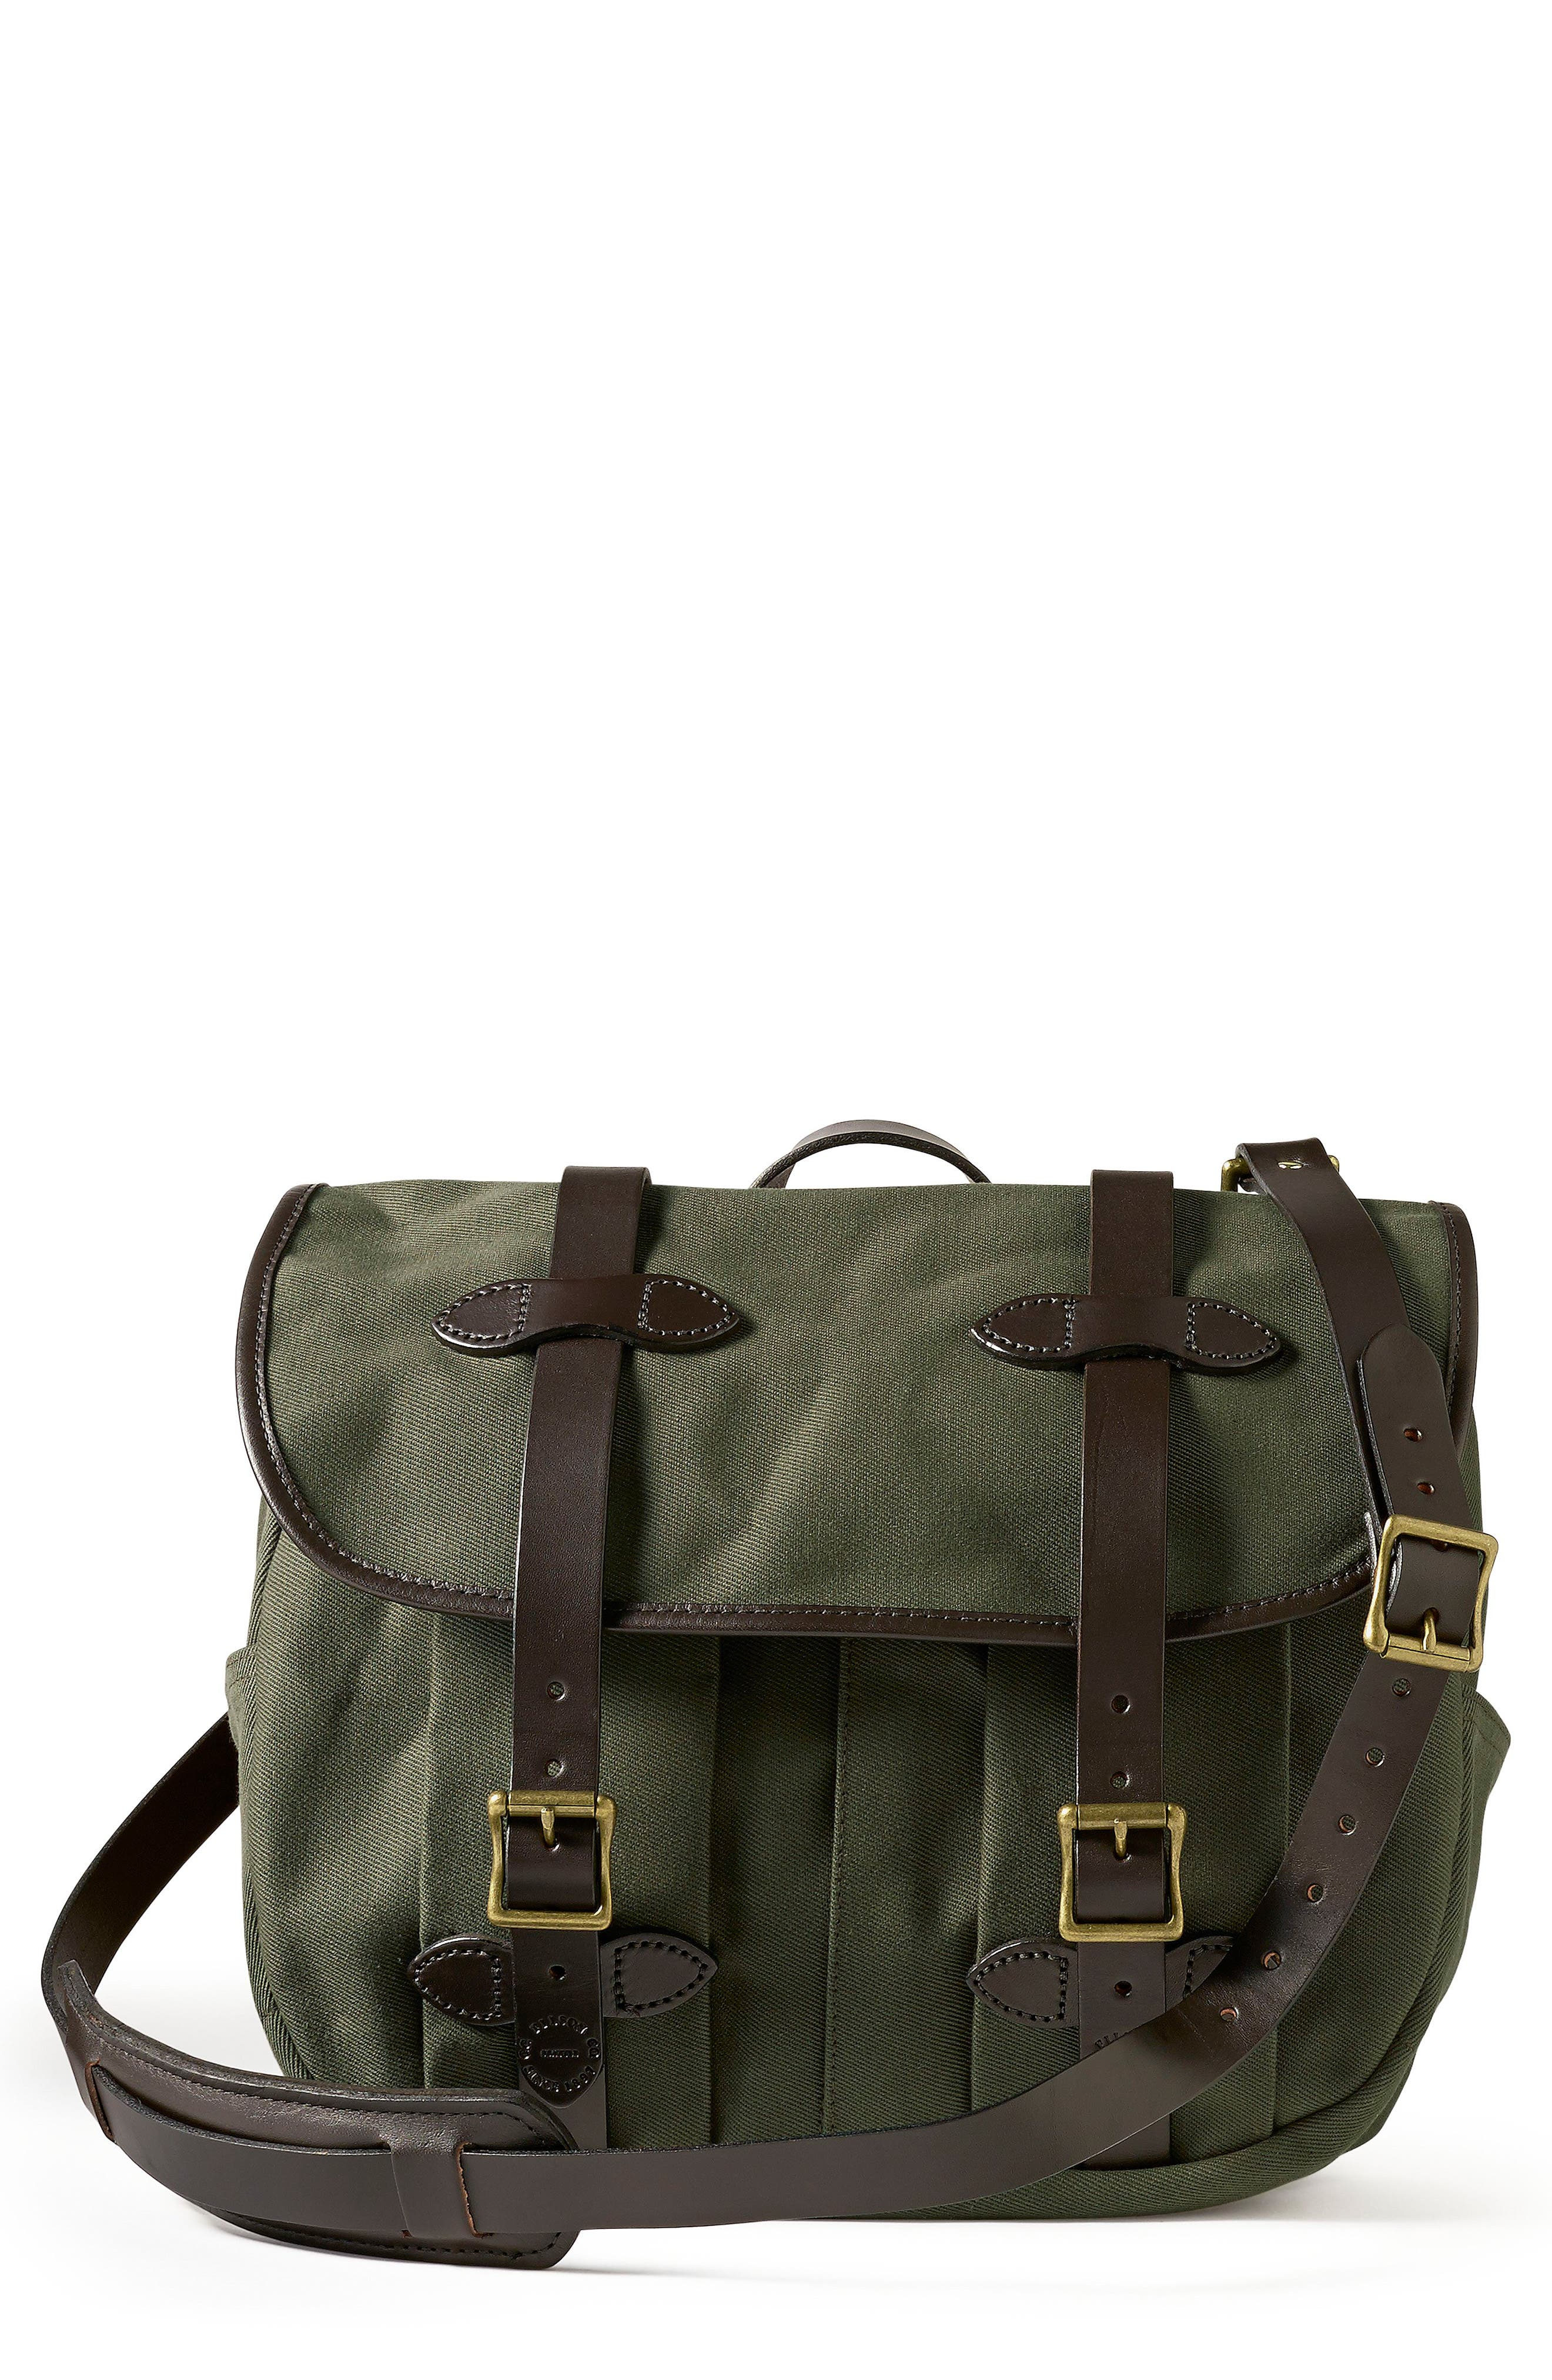 Medium Field Bag,                         Main,                         color, Otter Green